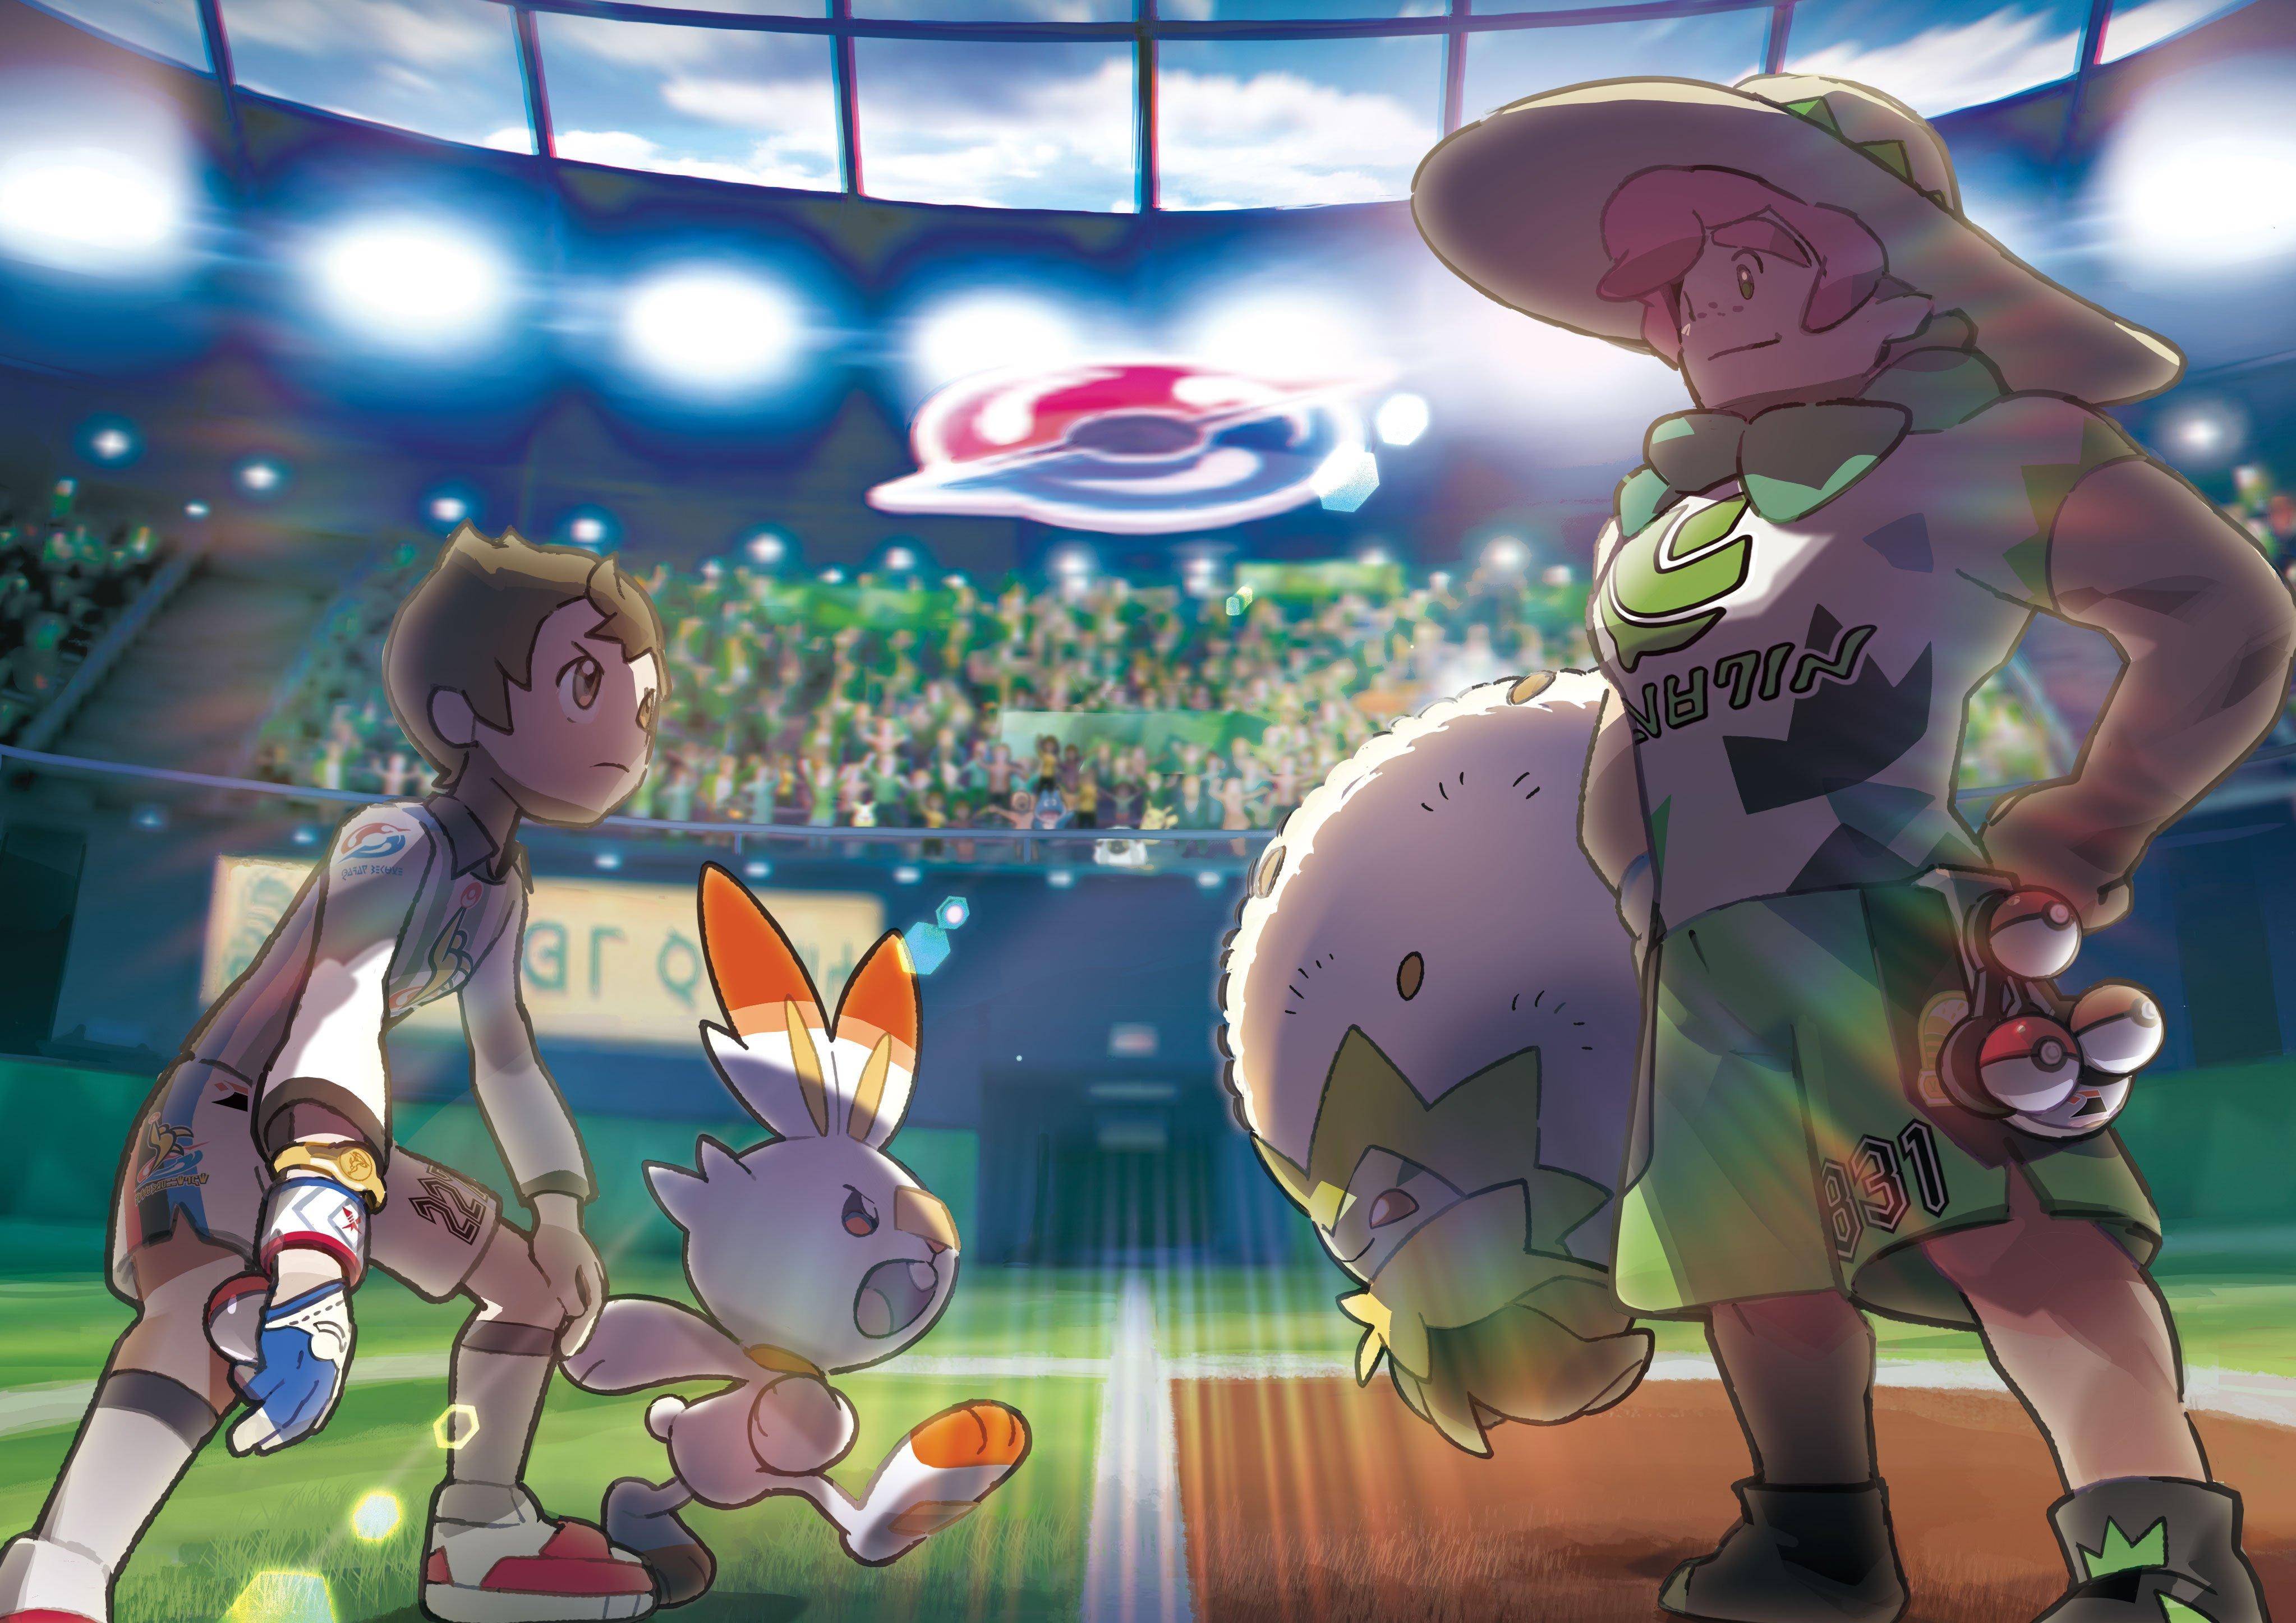 Pokémon Sword/Shield – Nova mecânica Gigantamax é revelada, novos Pokémon, gym leaders e mais